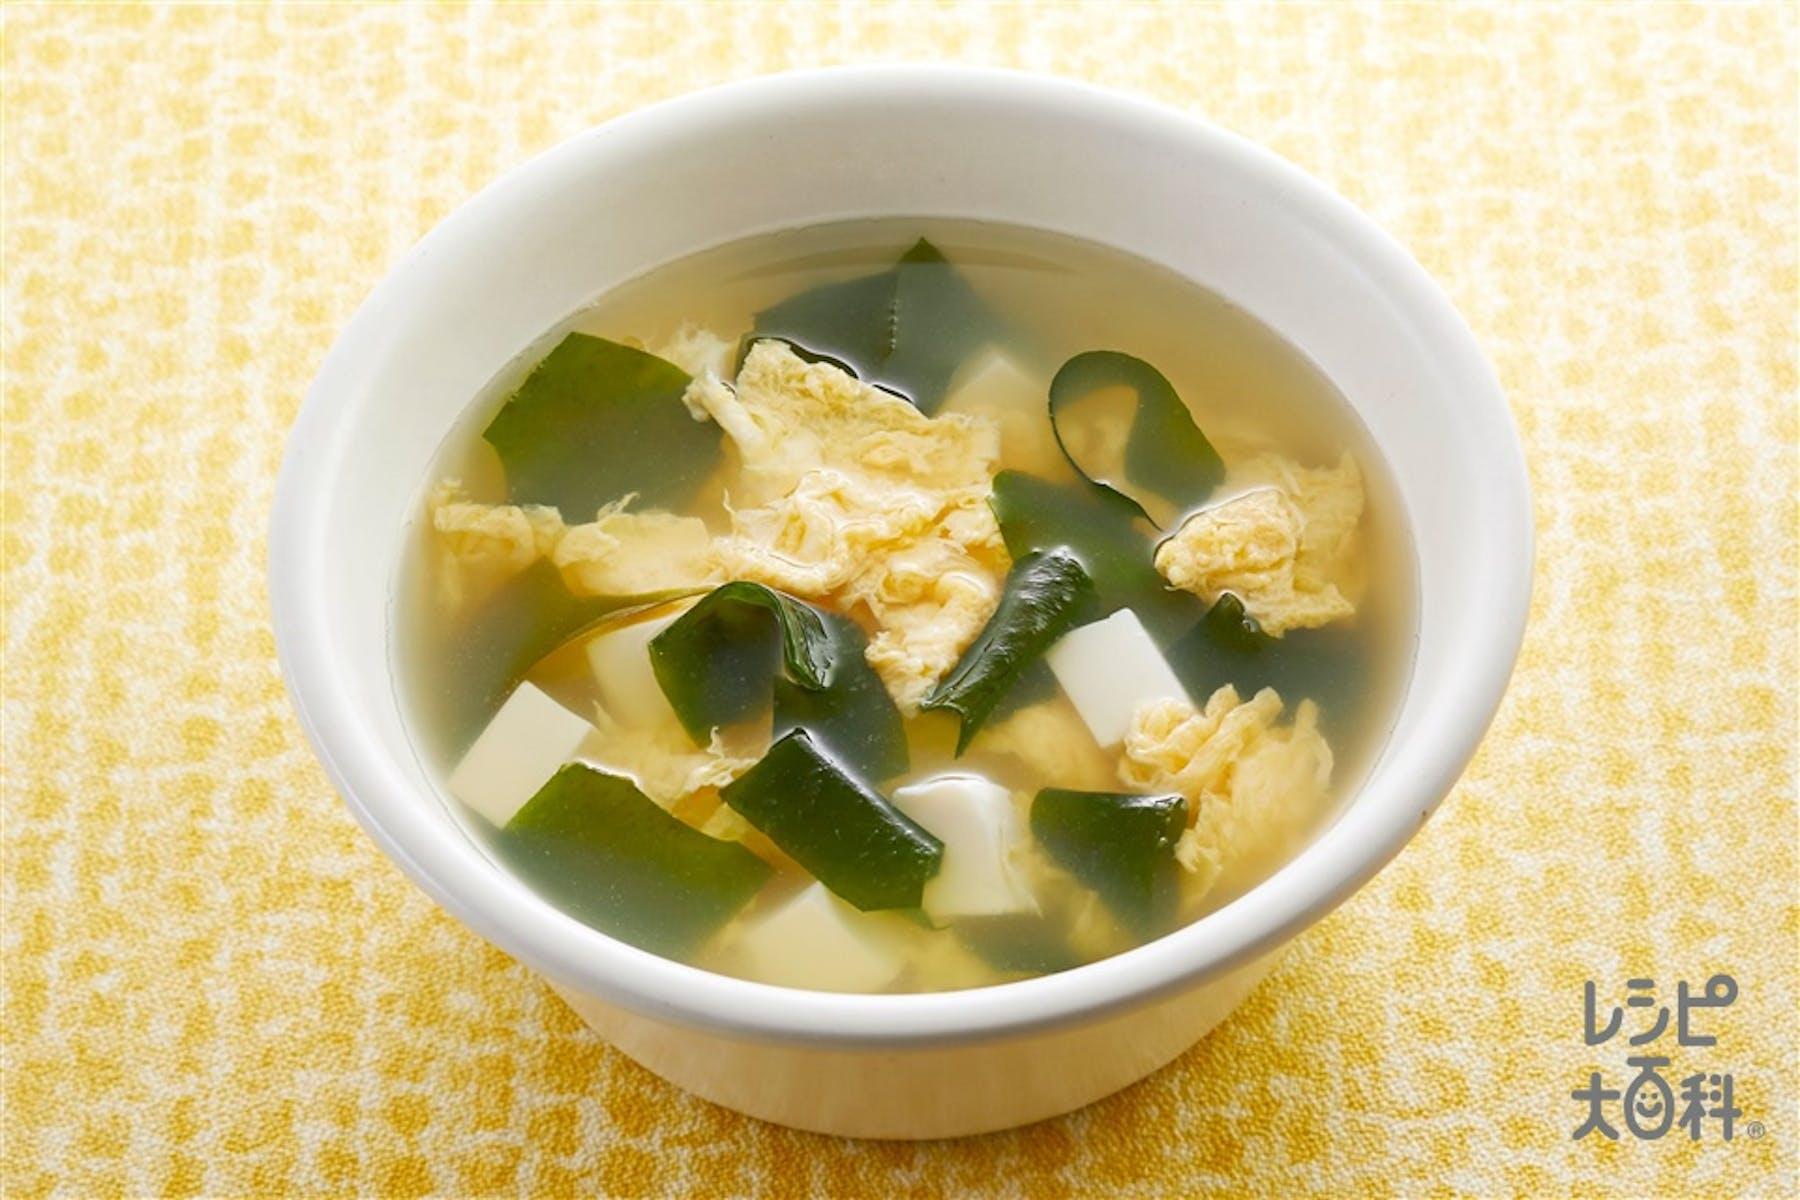 丸鶏ふわ玉わかめスープ